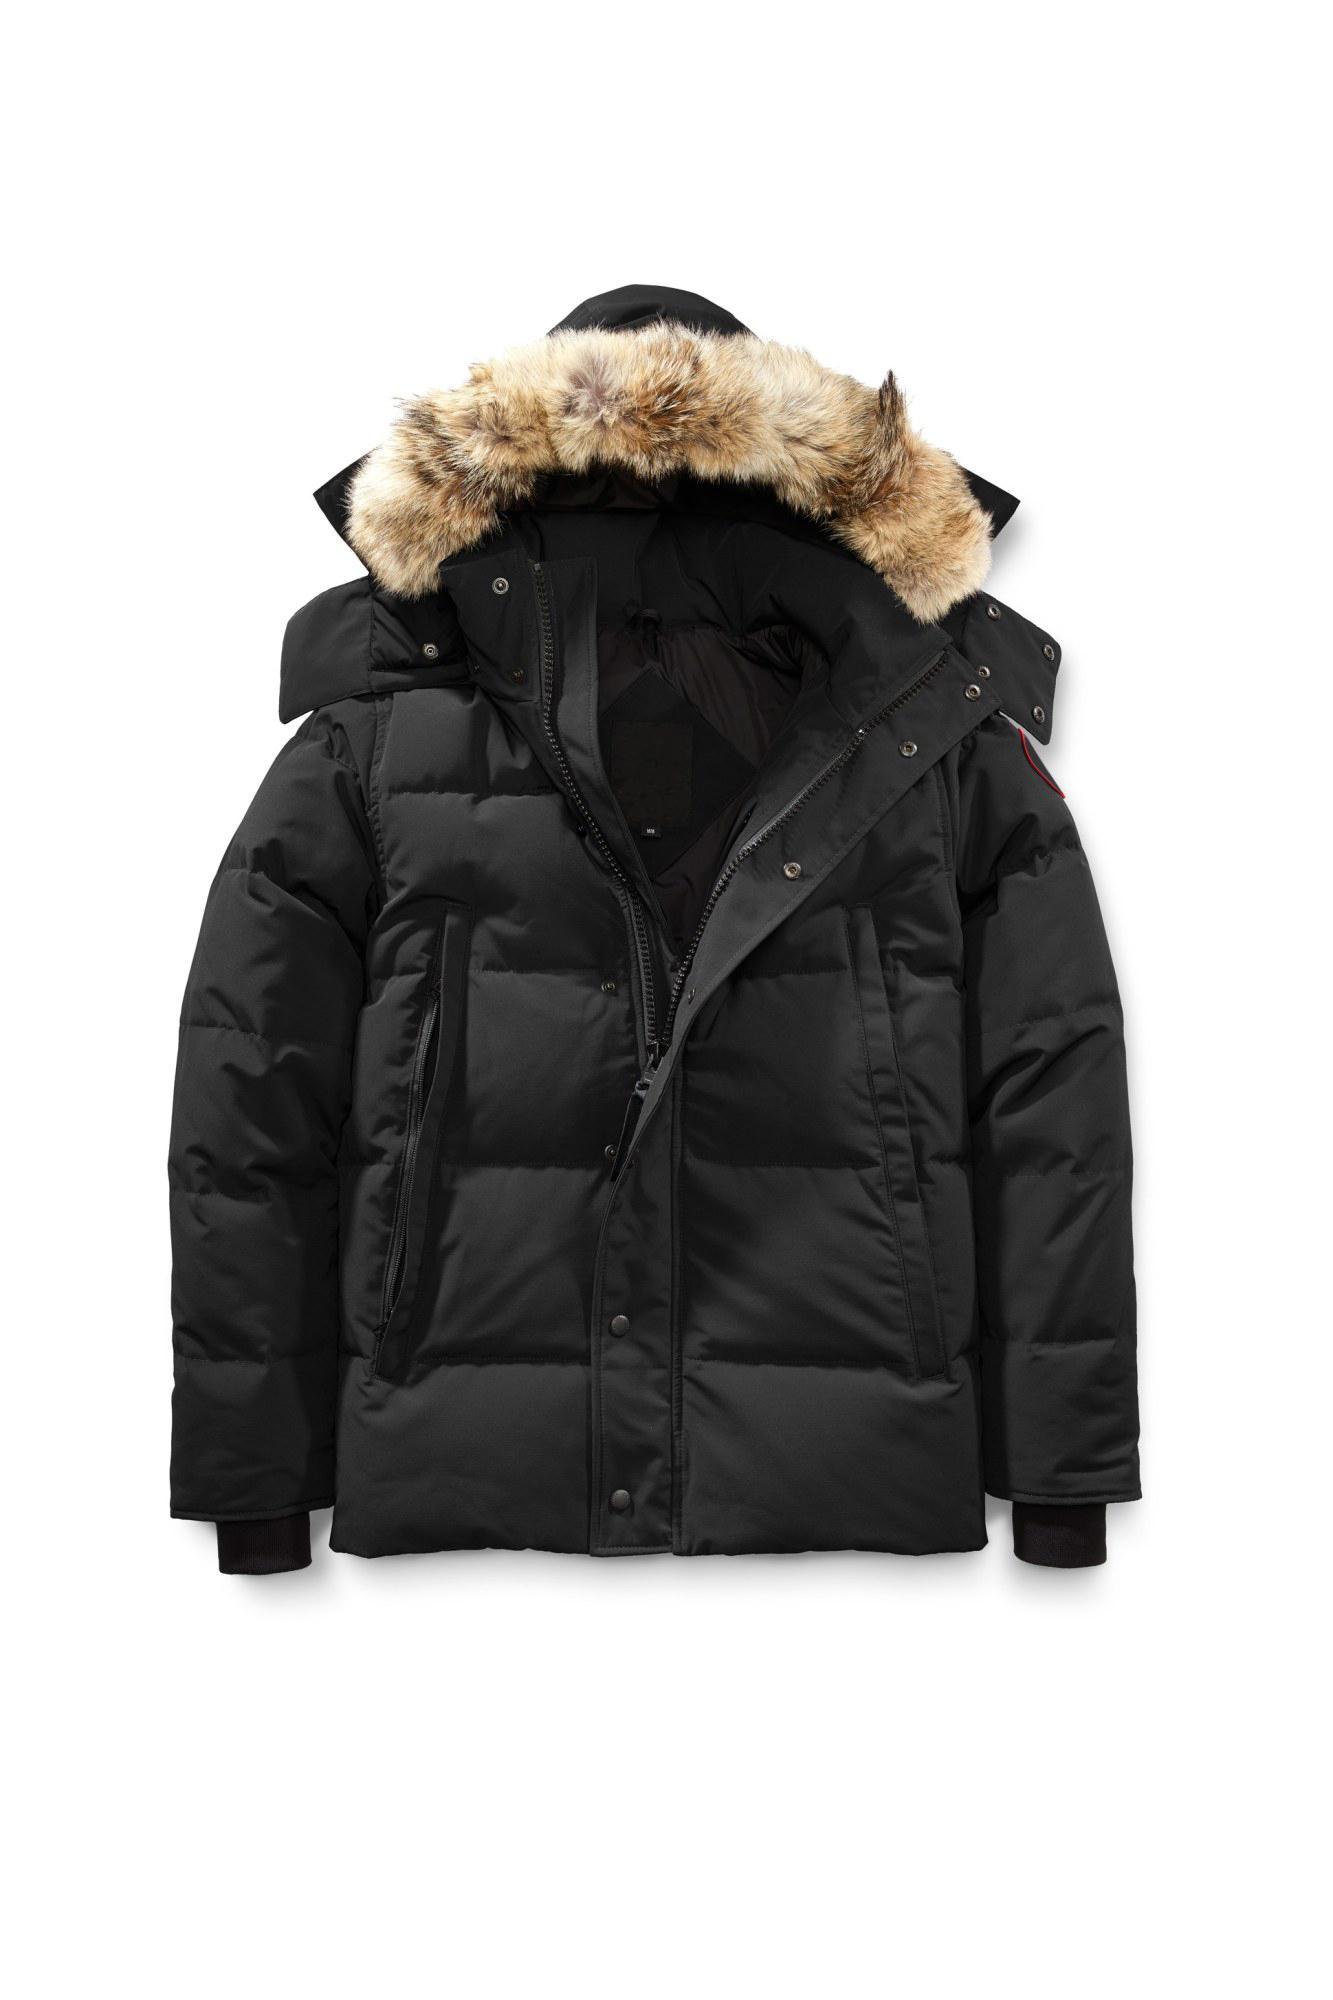 Tasarımcı Giyim Aşağı Ceket Erkekler Kadınlar Için Beyaz Ördek Woft Kürk Kapüşonlu Kış Coat Rüzgarlık Kirpi Parkas Eşofman